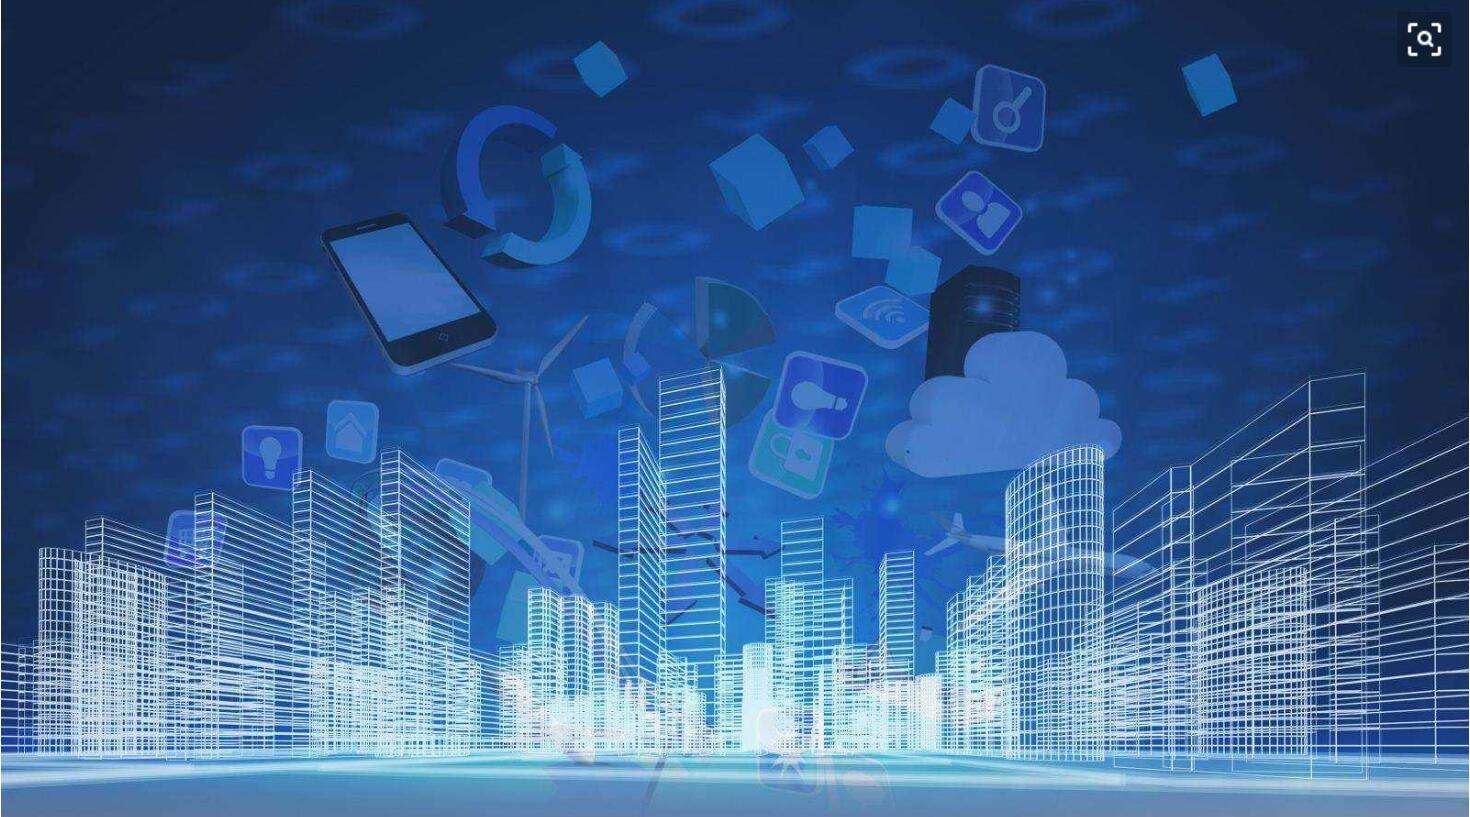 智慧城市智慧谈 | 哪些是支撑智慧城市发展的核心技术?